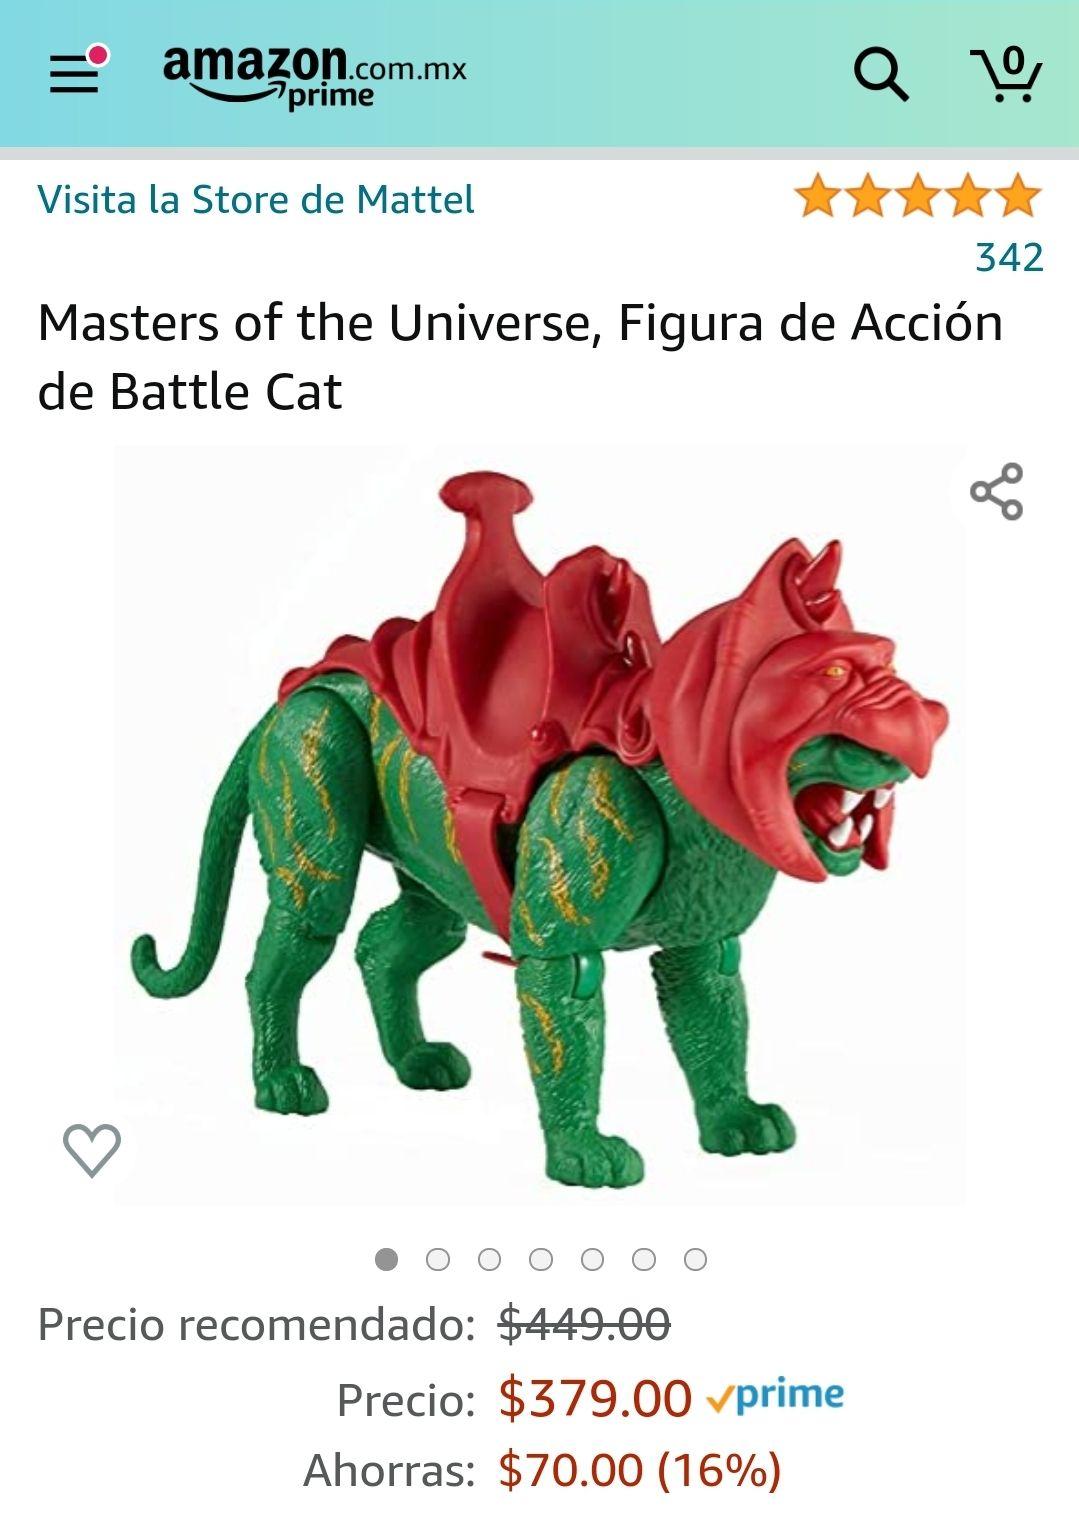 Amazon: Masters of the Universe, Figura de Acción de Battle Cat